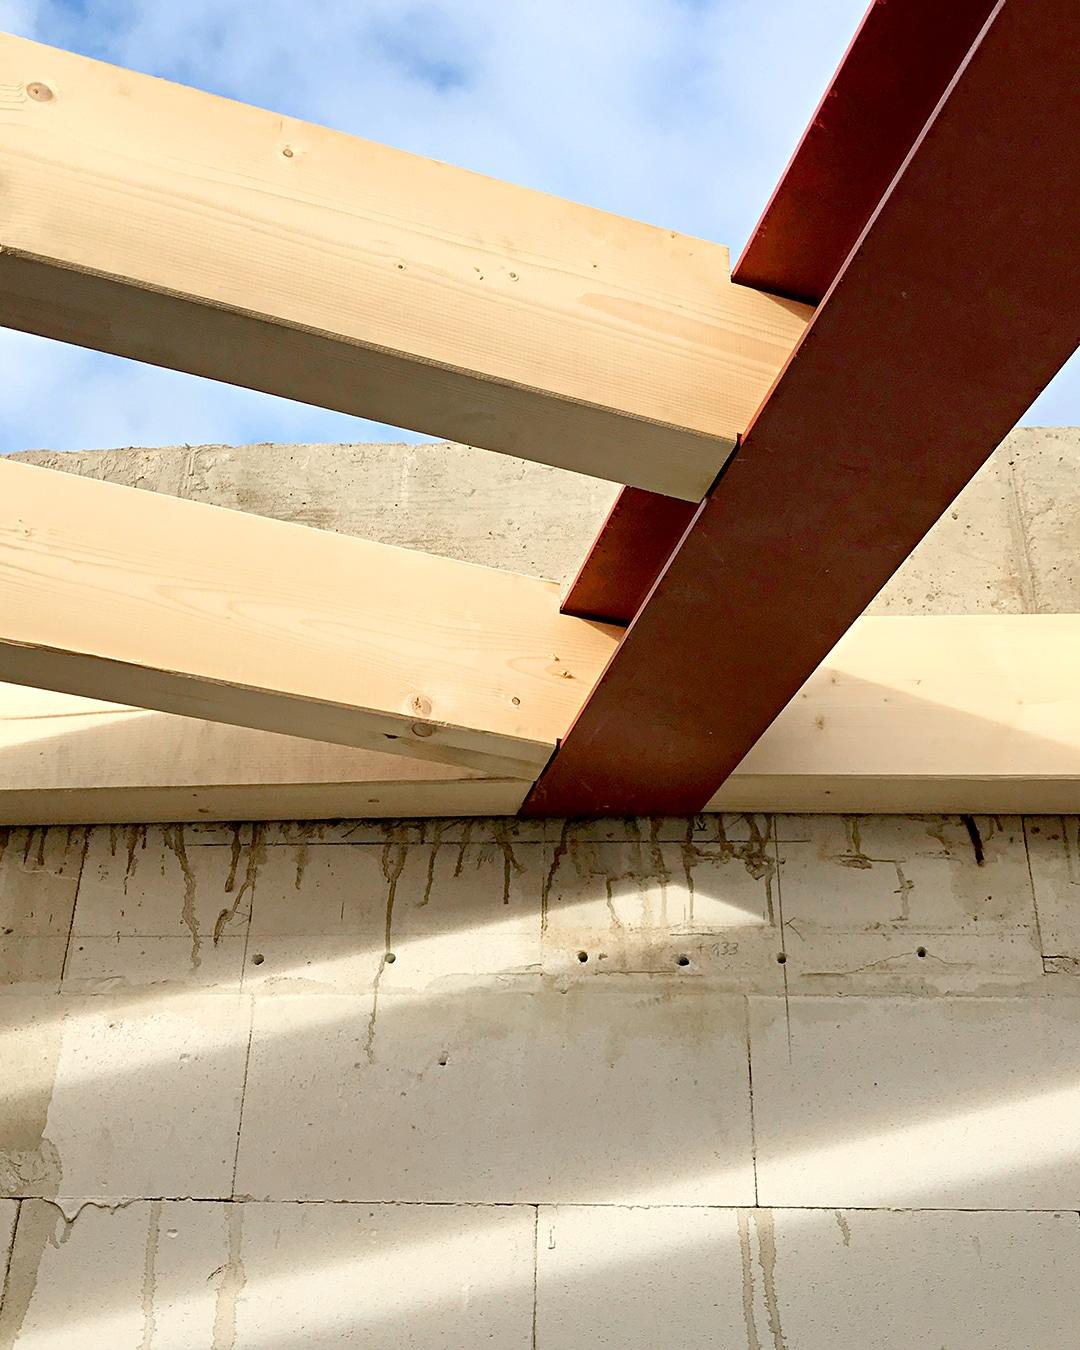 Holzbauweise, Architekturbüro Köln, Immobilie: Aufstockung + Innenausbau Mehrfamilienhaus